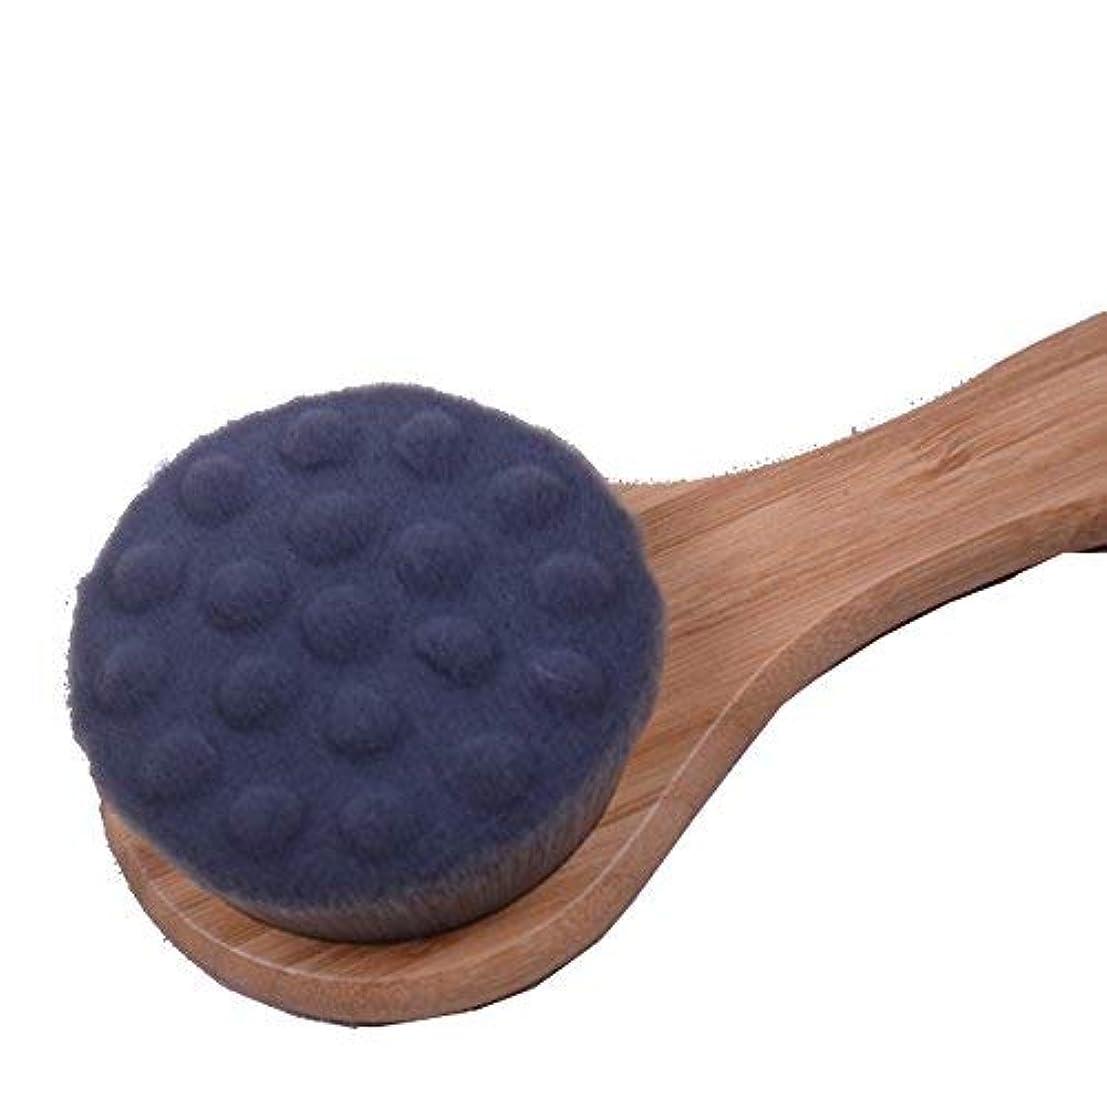 が欲しい分析的寄付するボディブラシ 【 BERUKO】 毛穴汚れ すっきり 高級 木製 極細毛 ロングタイプ (ダークグレー)